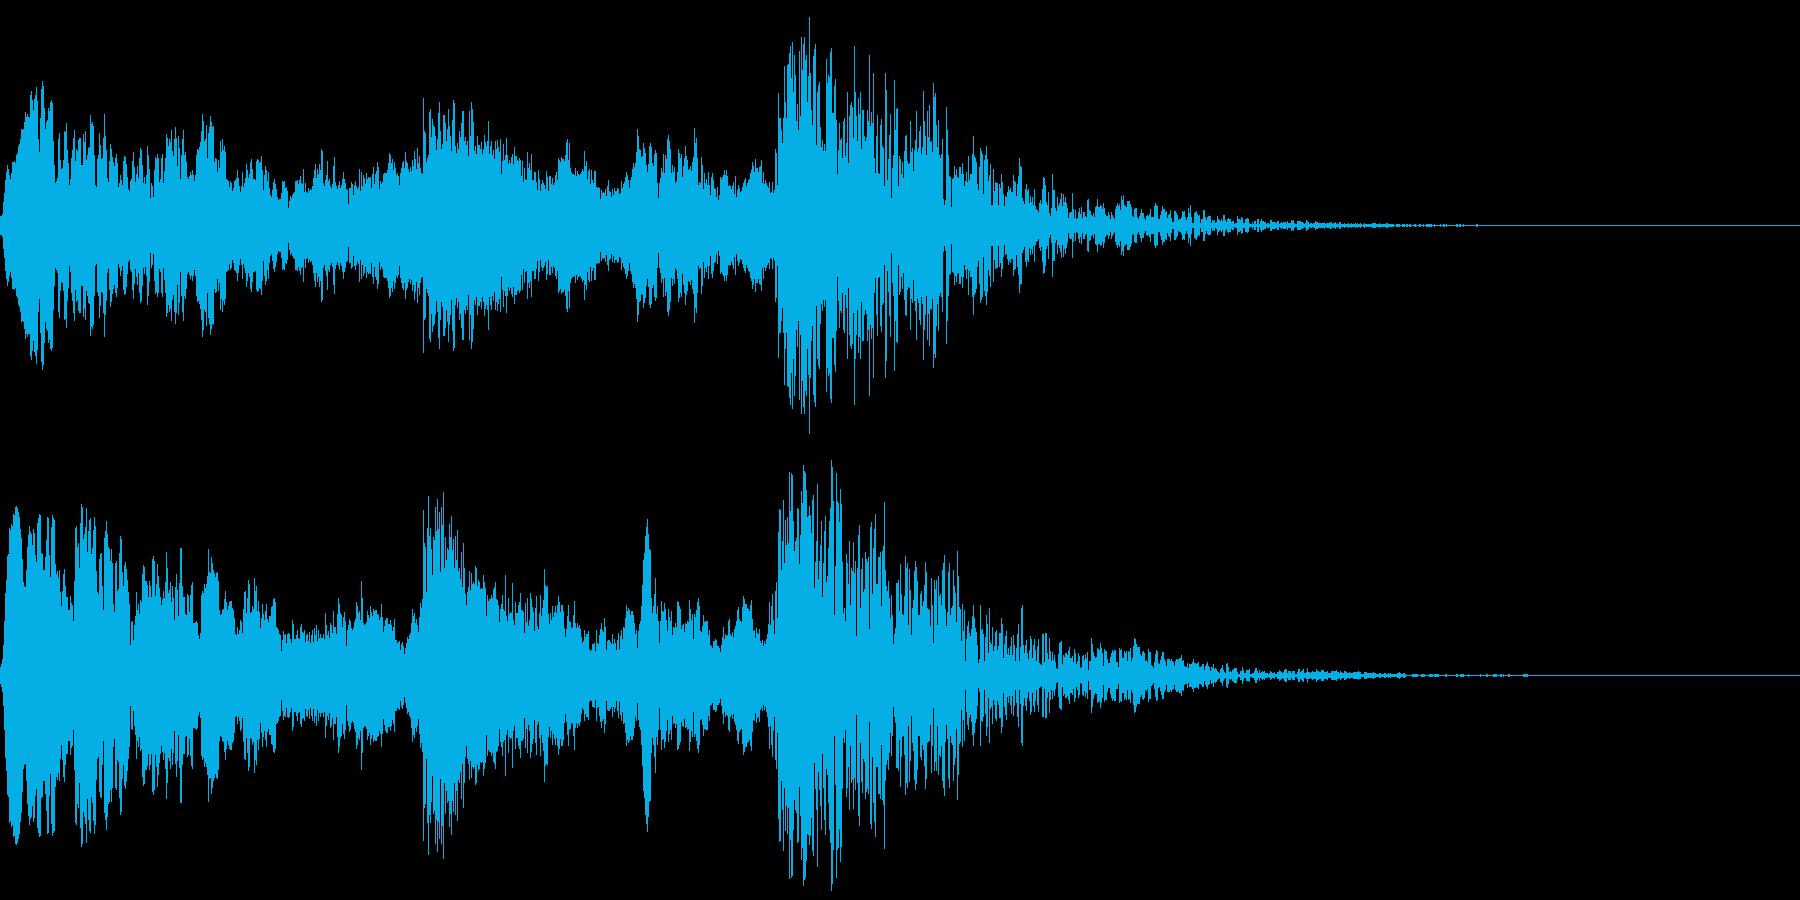 よお〜ドン!/太鼓/歌舞伎のジングル!6の再生済みの波形